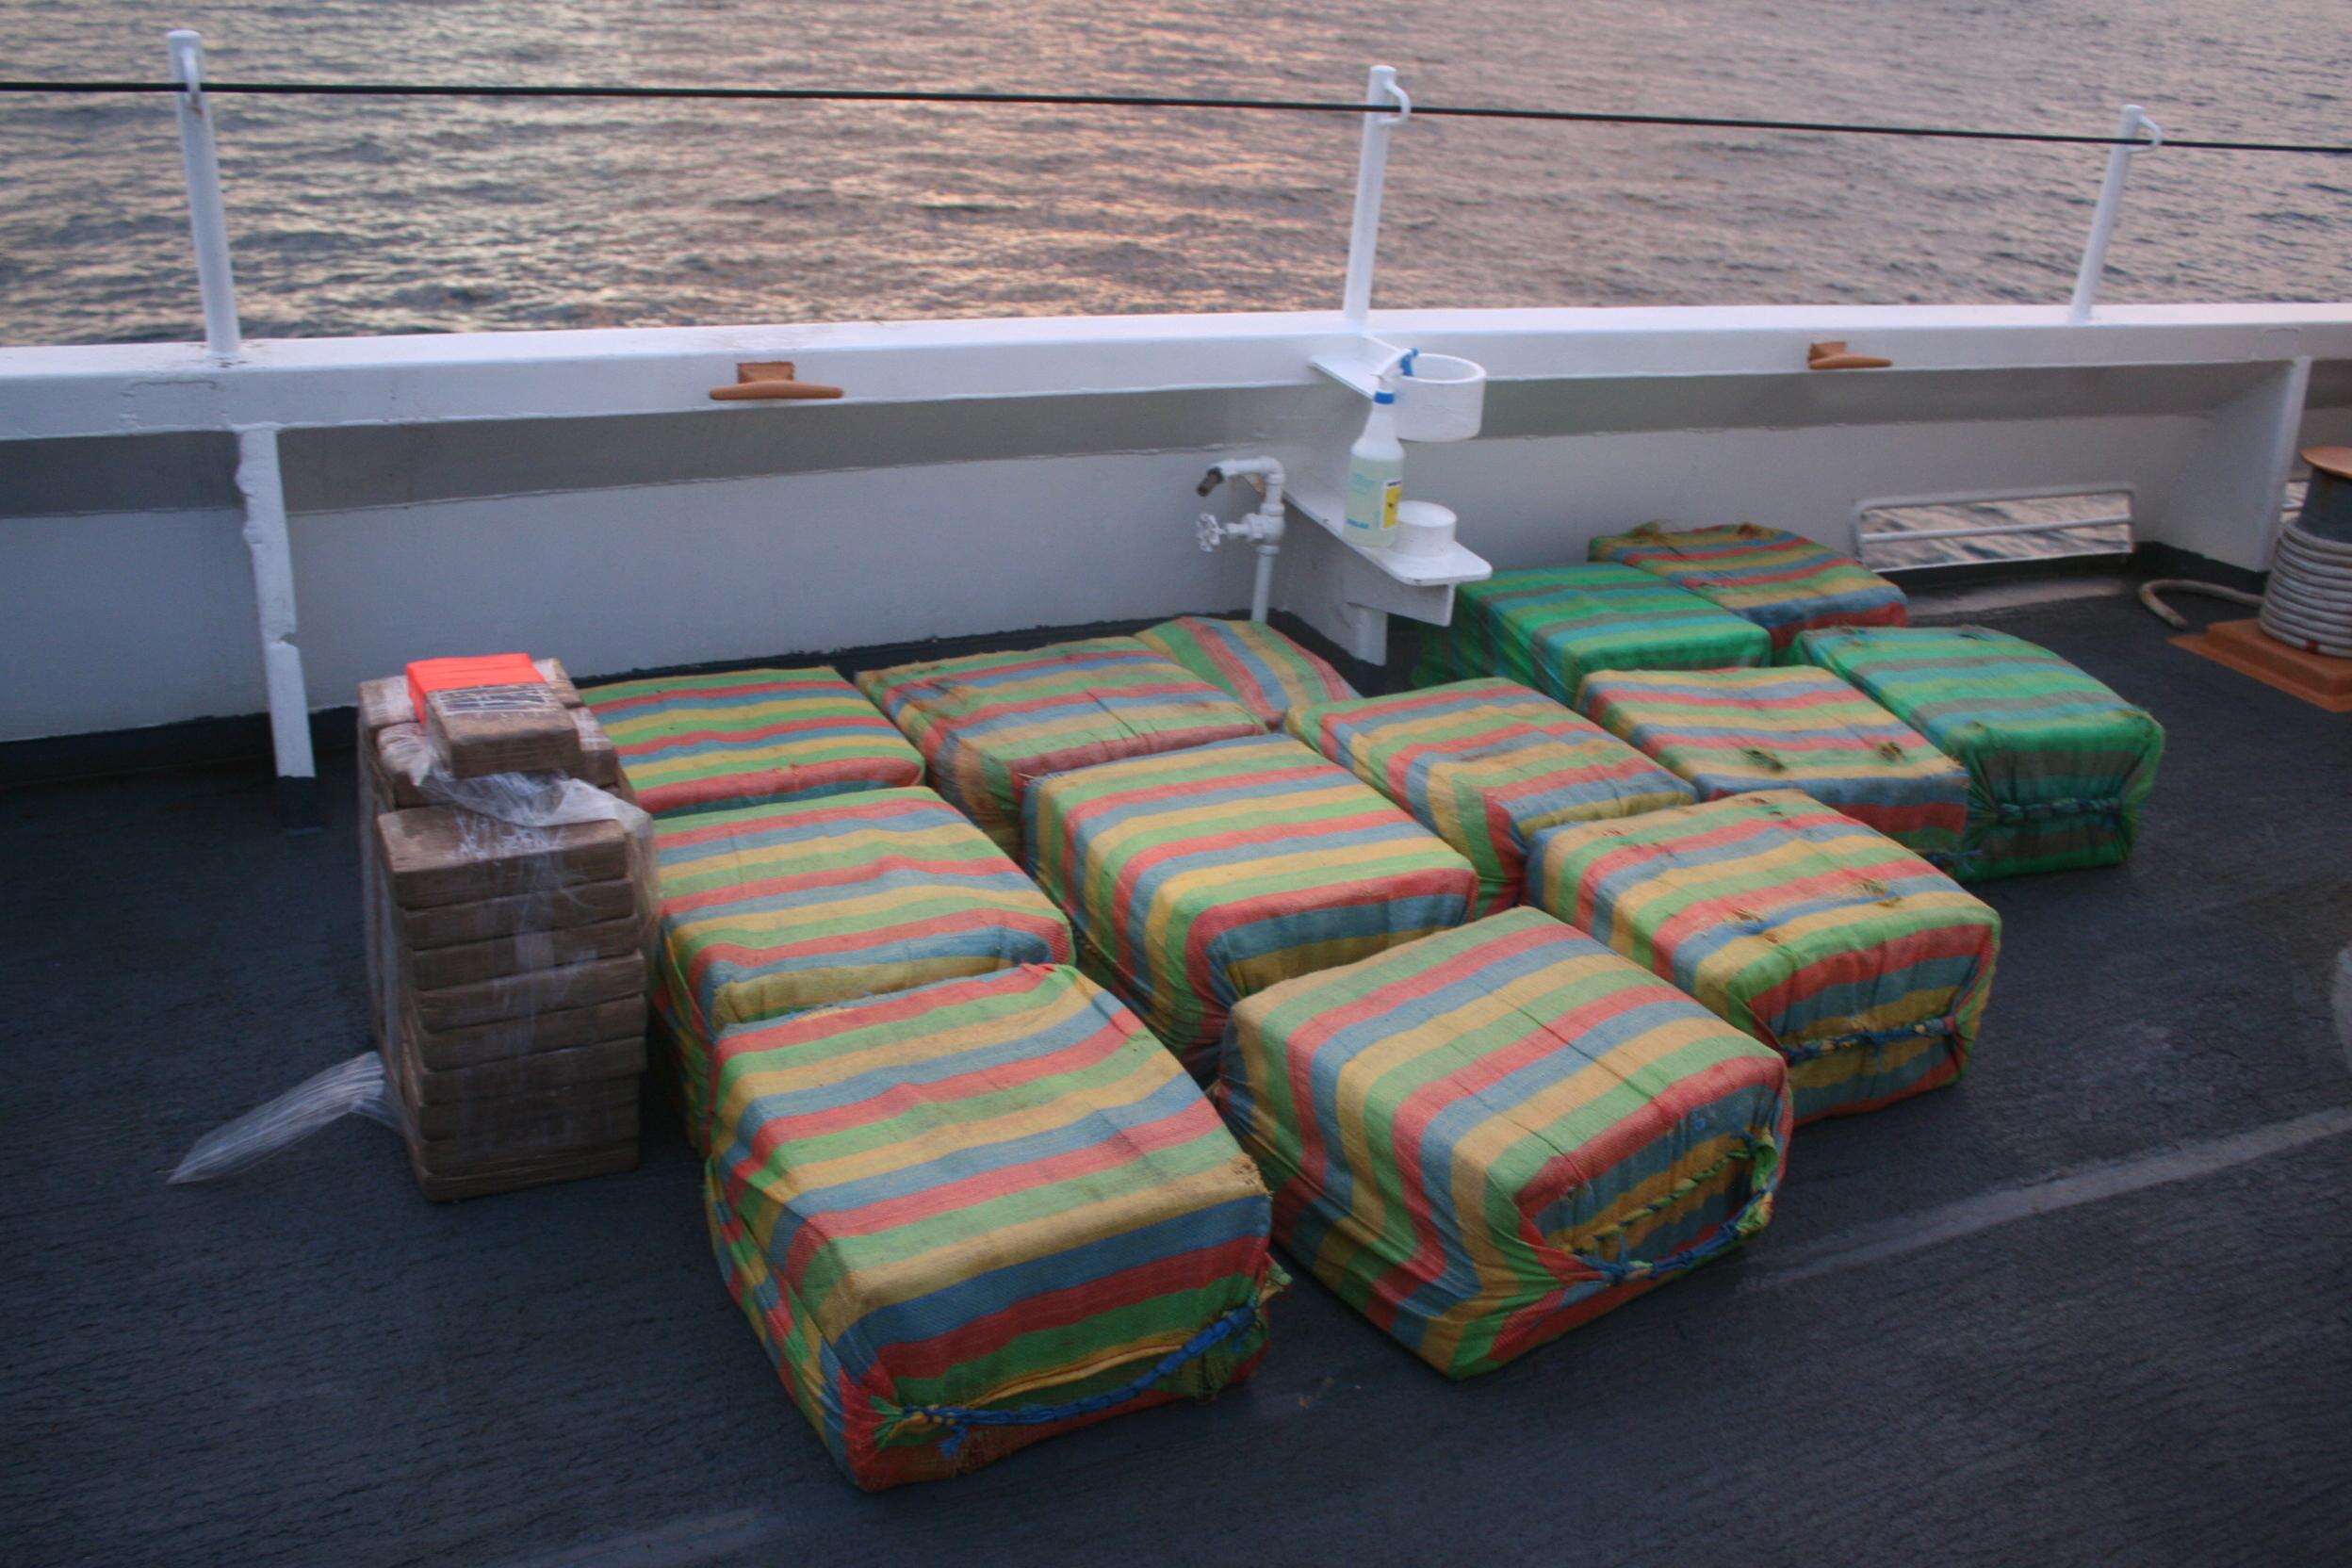 Navio de 54 anos da Guarda Costeira apreende mais de 490 quilos de presumida cocaína em um barco de contrabando na costa da América Central